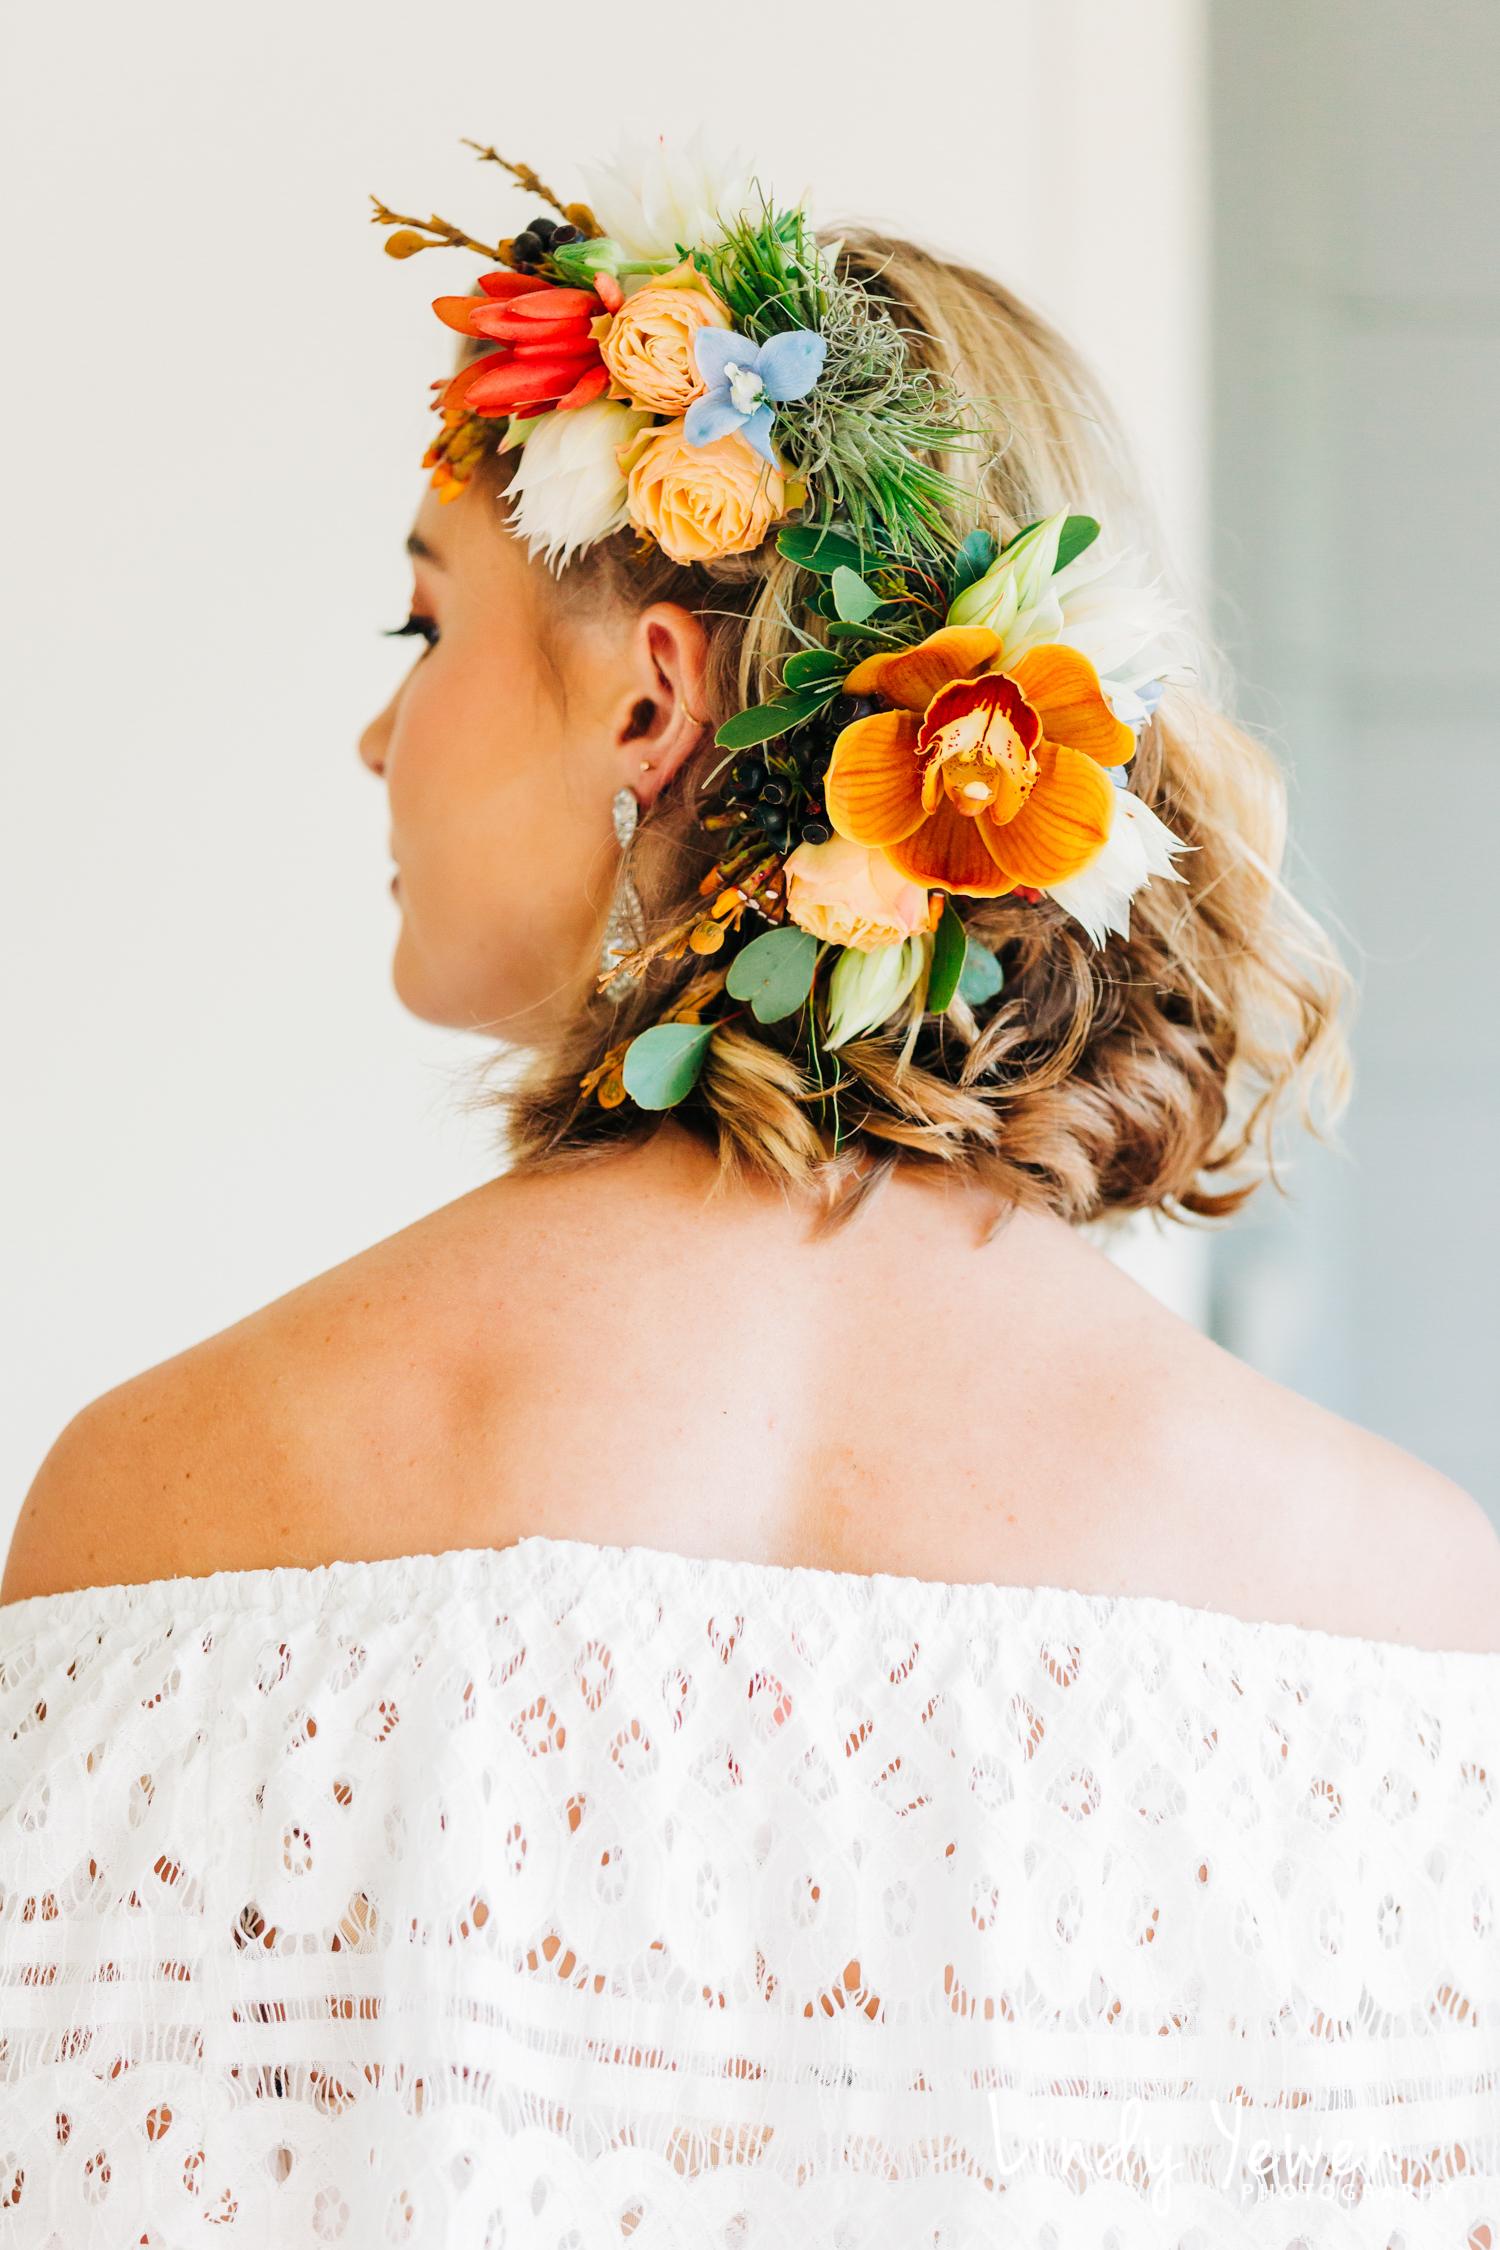 Noosa-Wedding-Photographers-Lindy-Yewen 4.jpg